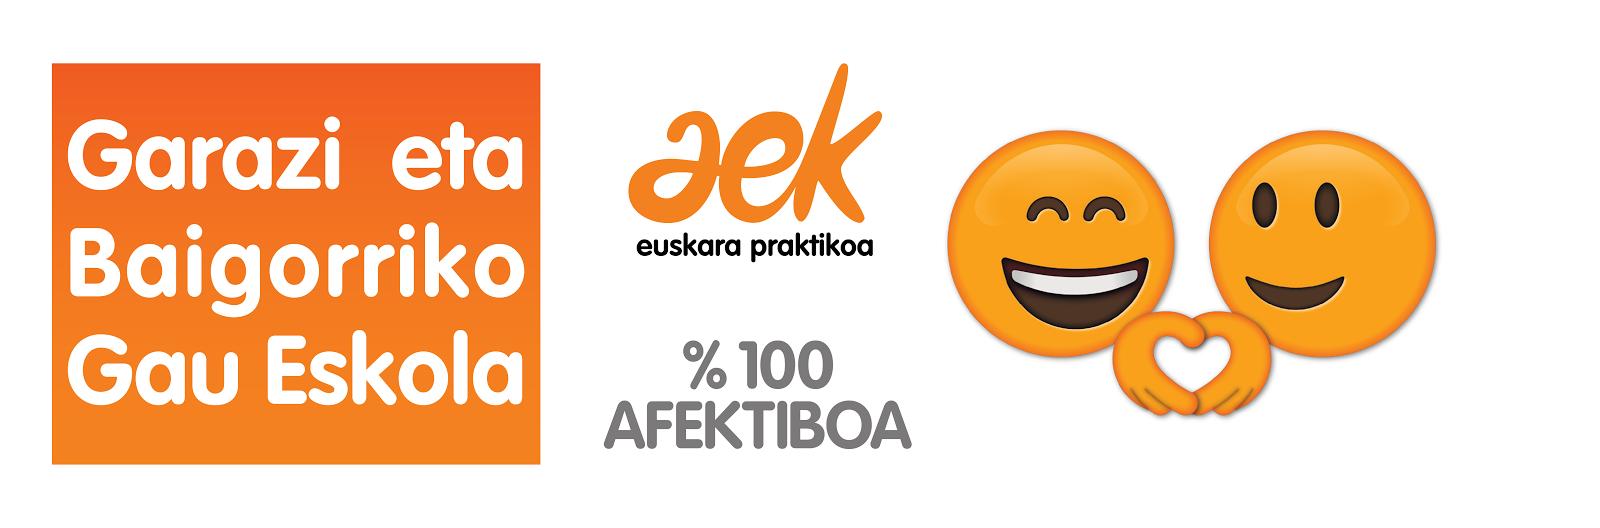 Garazi eta Baigorriko AEK Gau Eskola